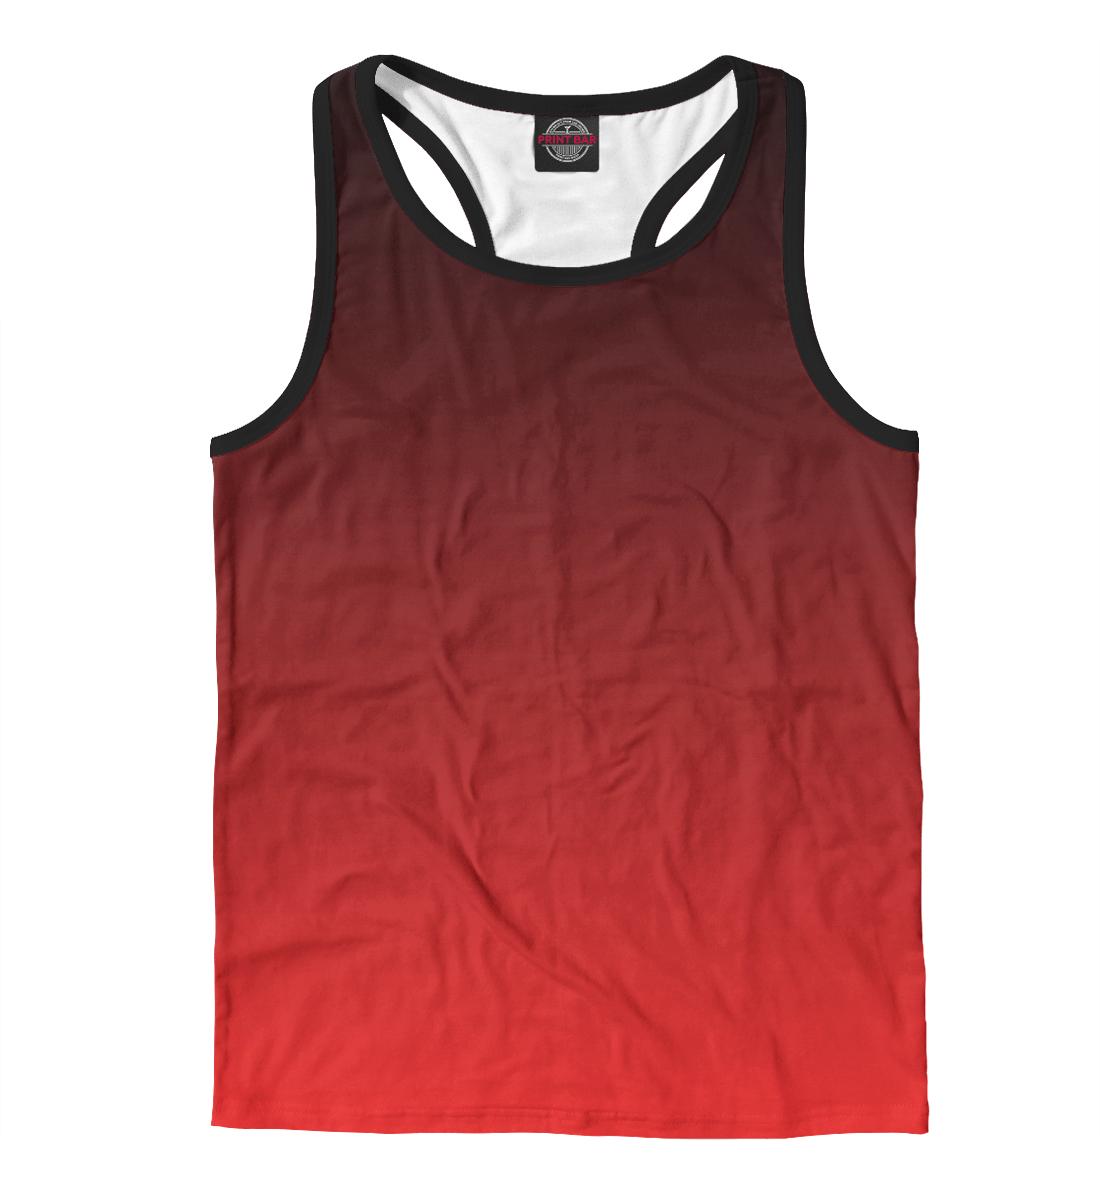 Купить Градиент Красный в Черный, Printbar, Майки борцовки, CLR-933713-mayb-2